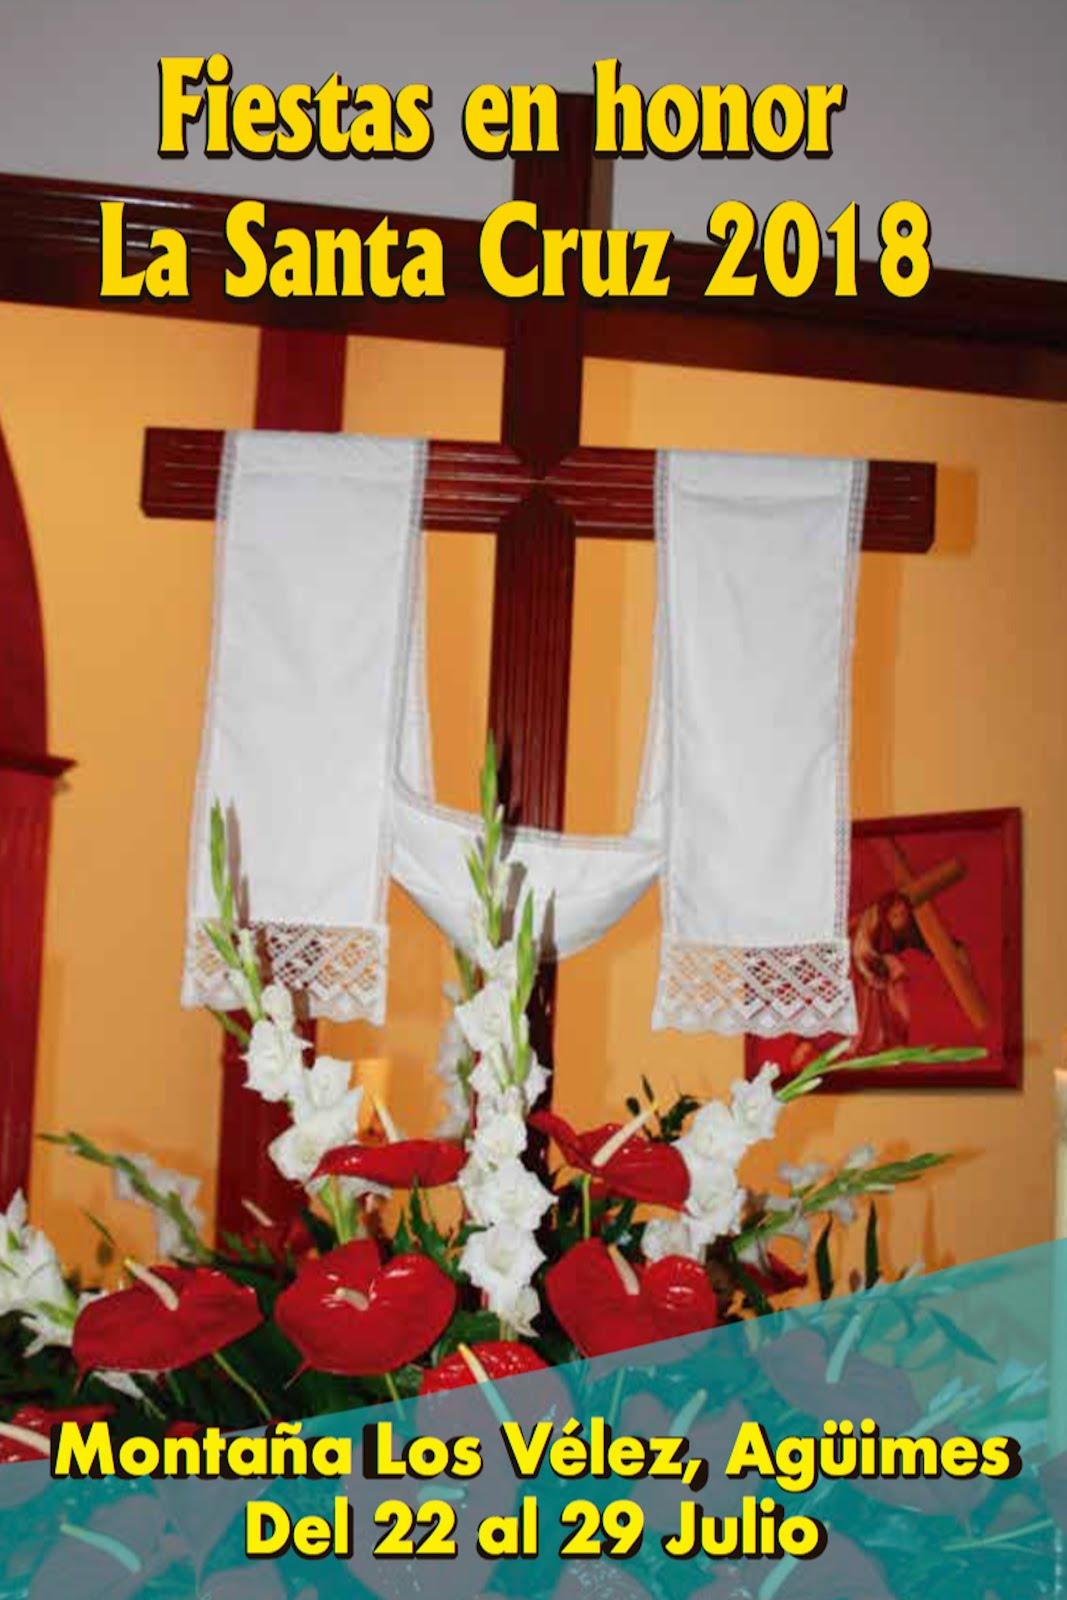 Fiestas de La Santa Cruz 2018